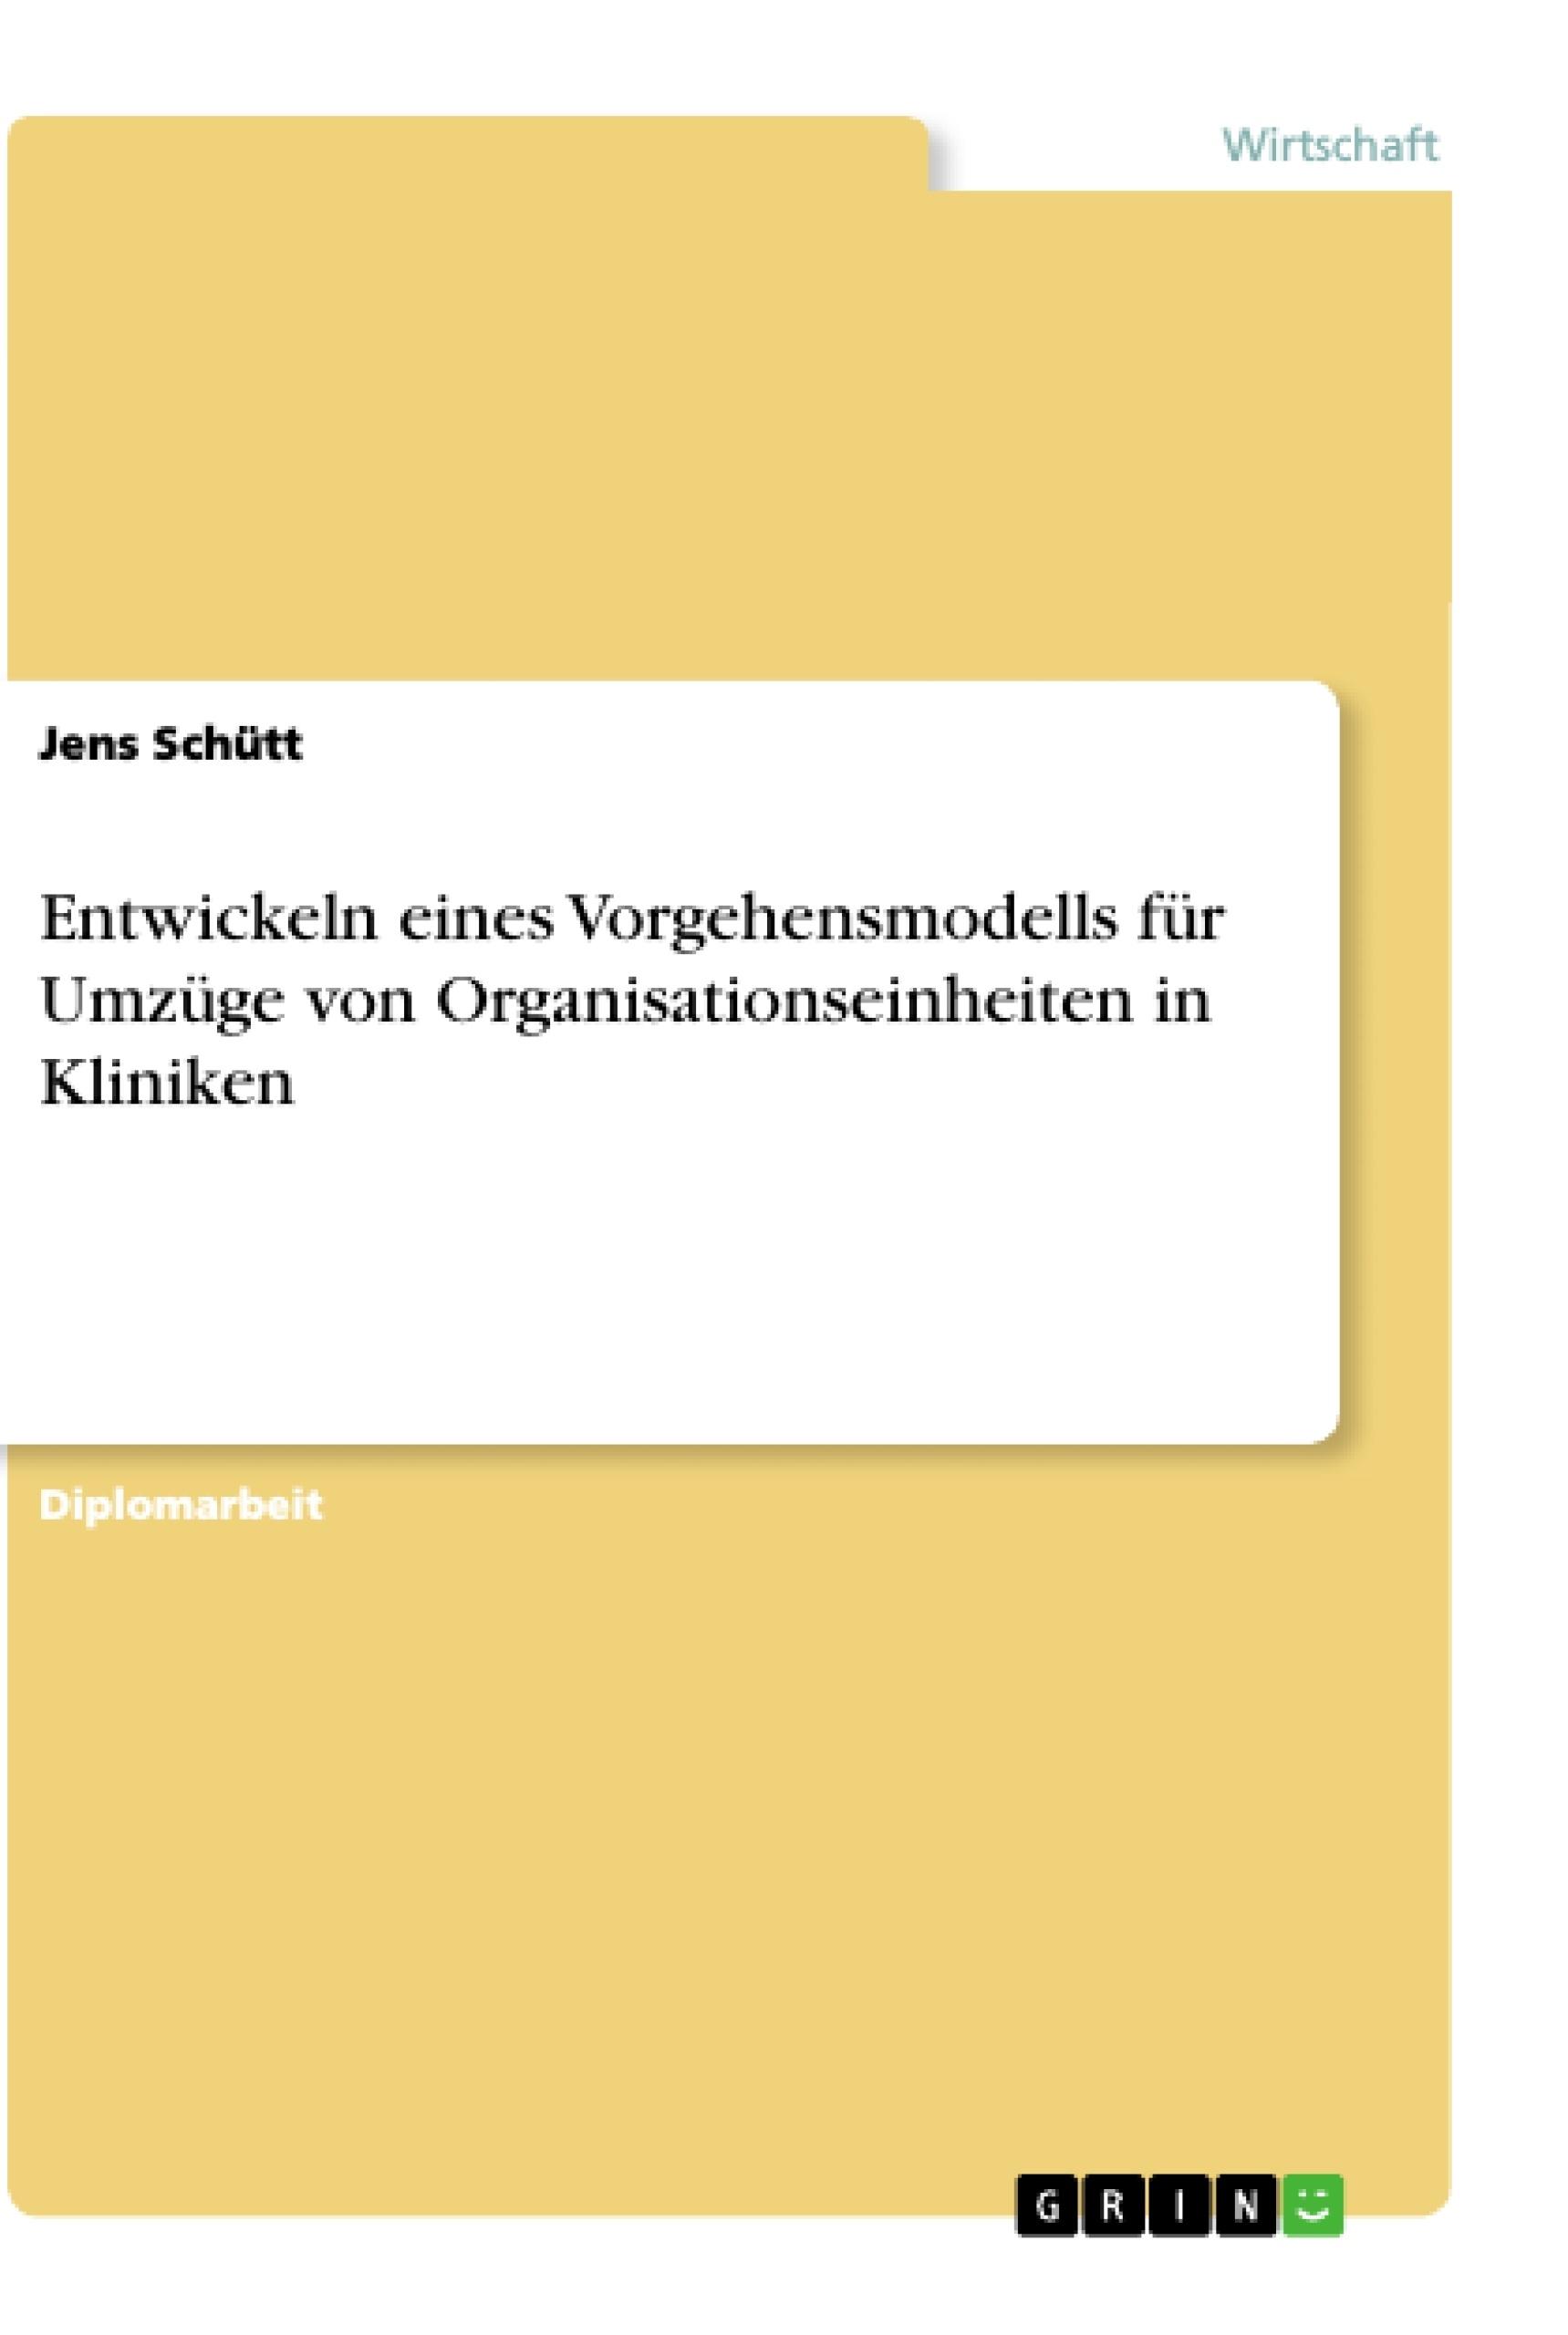 Titel: Entwickeln eines Vorgehensmodells für Umzüge von Organisationseinheiten in Kliniken